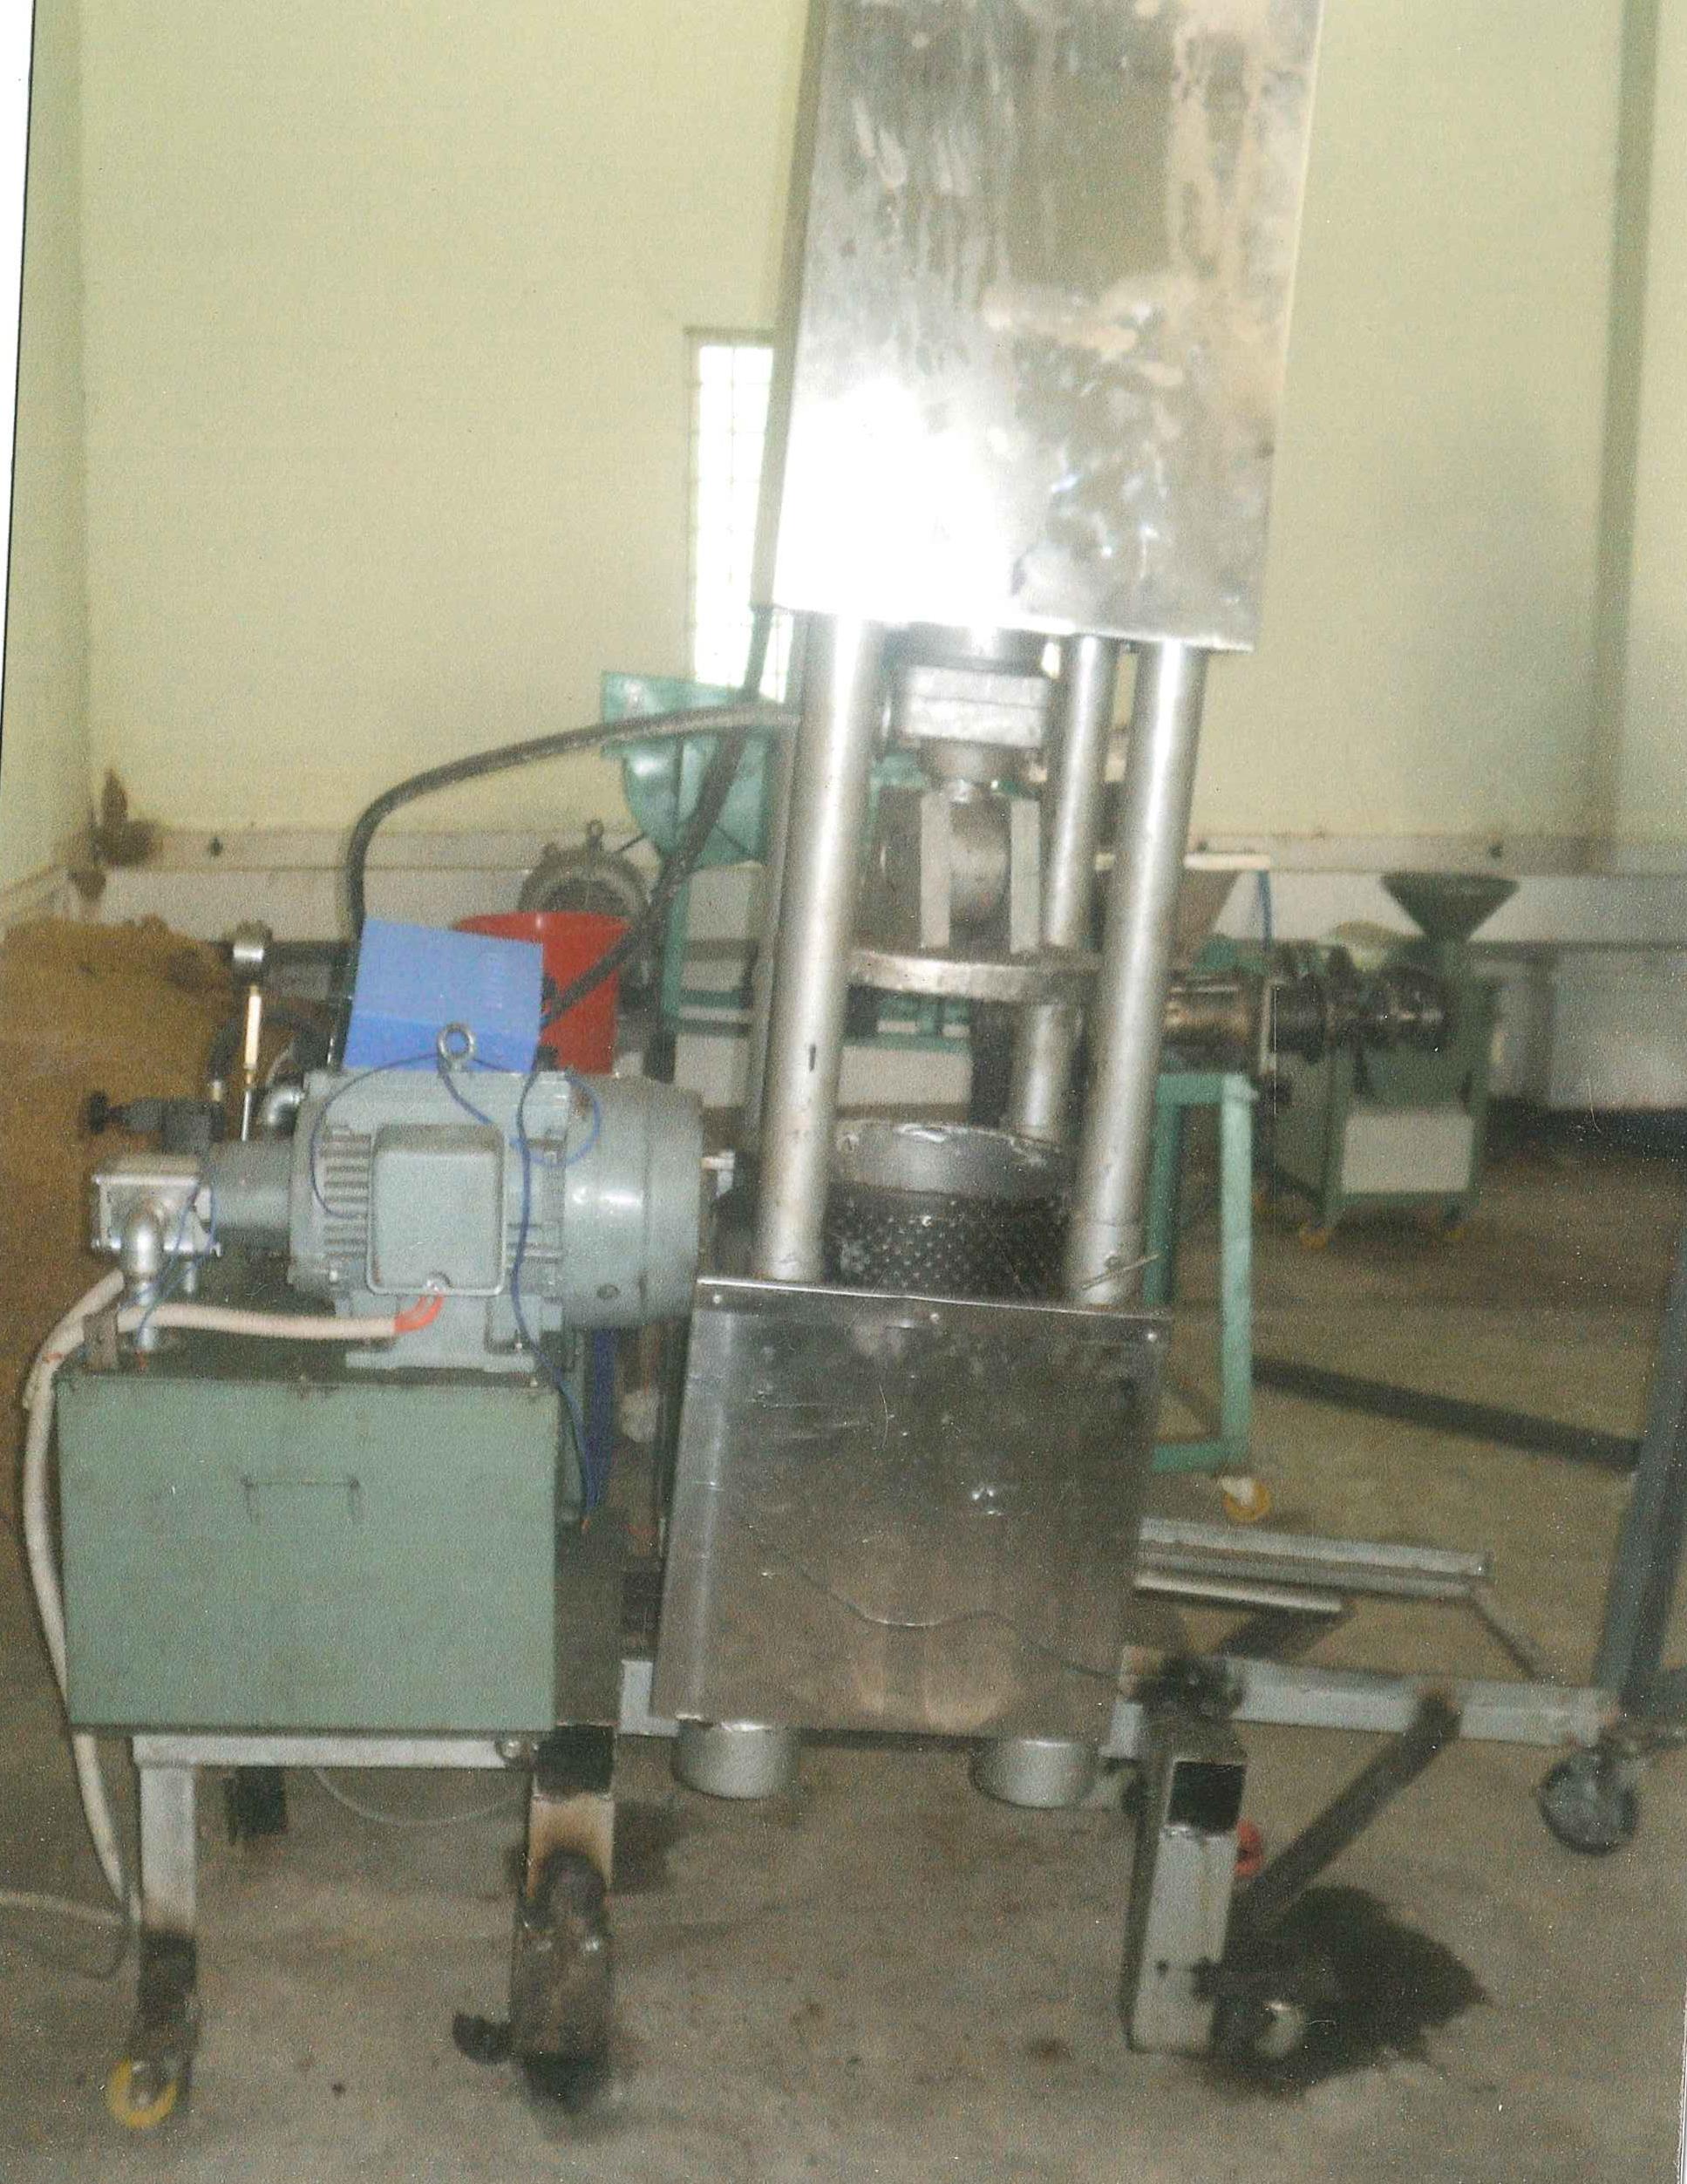 Máy ép nguội dầu sầu đâu (neem) trong quy trình sản xuất của GS - TS Trần Kim Qui và các cộng sự. Ảnh: Nhân vật cung cấp.